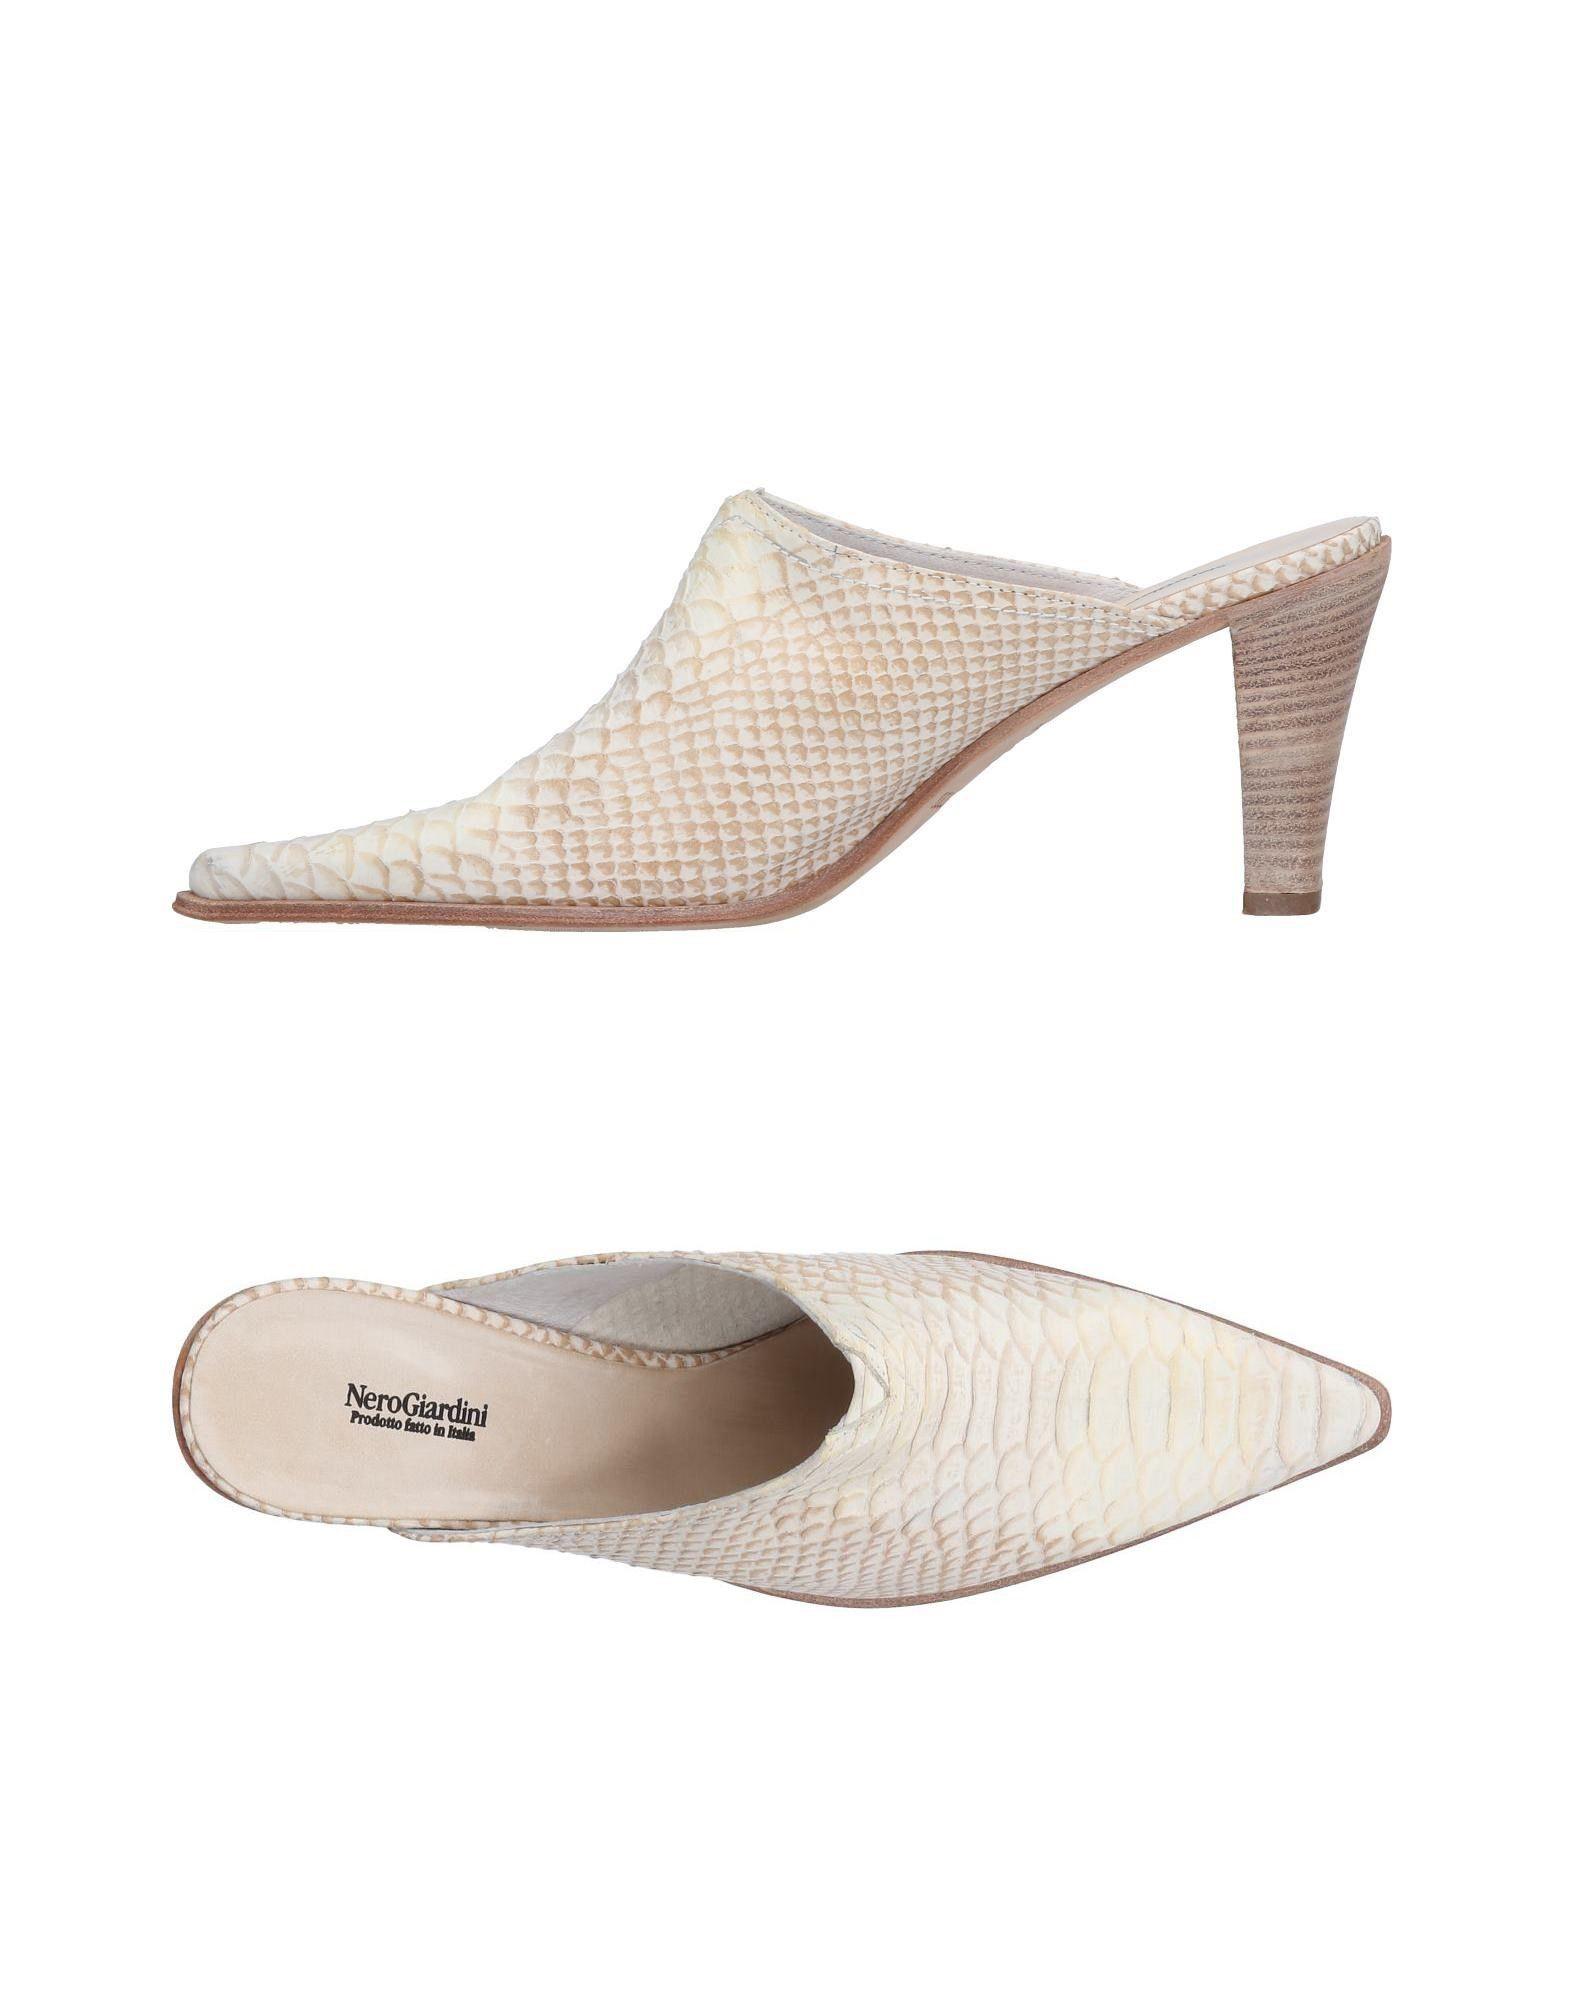 Stivaletti Cafènoir offerte Donna - 11498585FS Nuove offerte Cafènoir e scarpe comode 6ac801